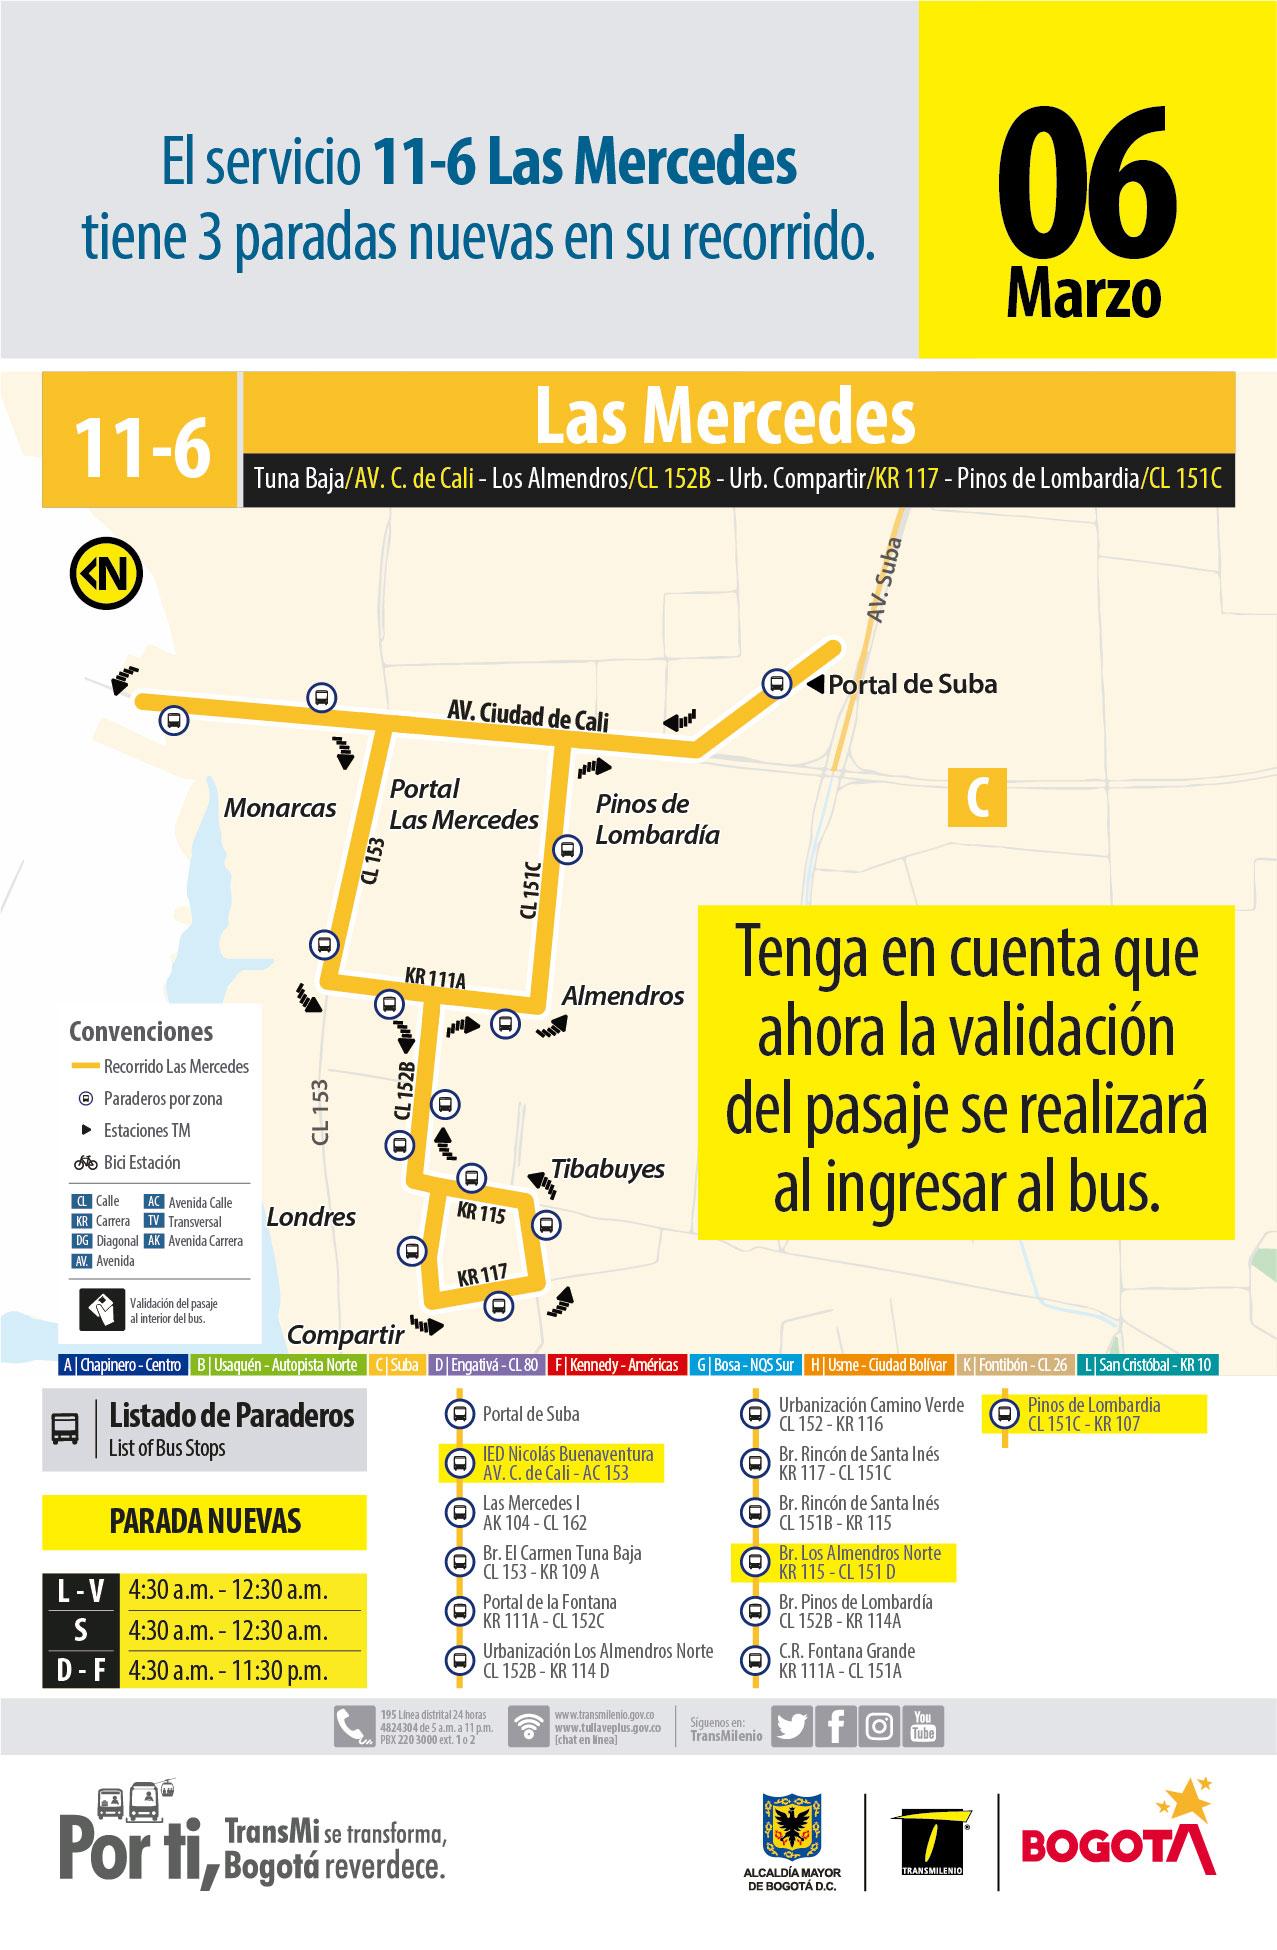 11-6 La Mercedes